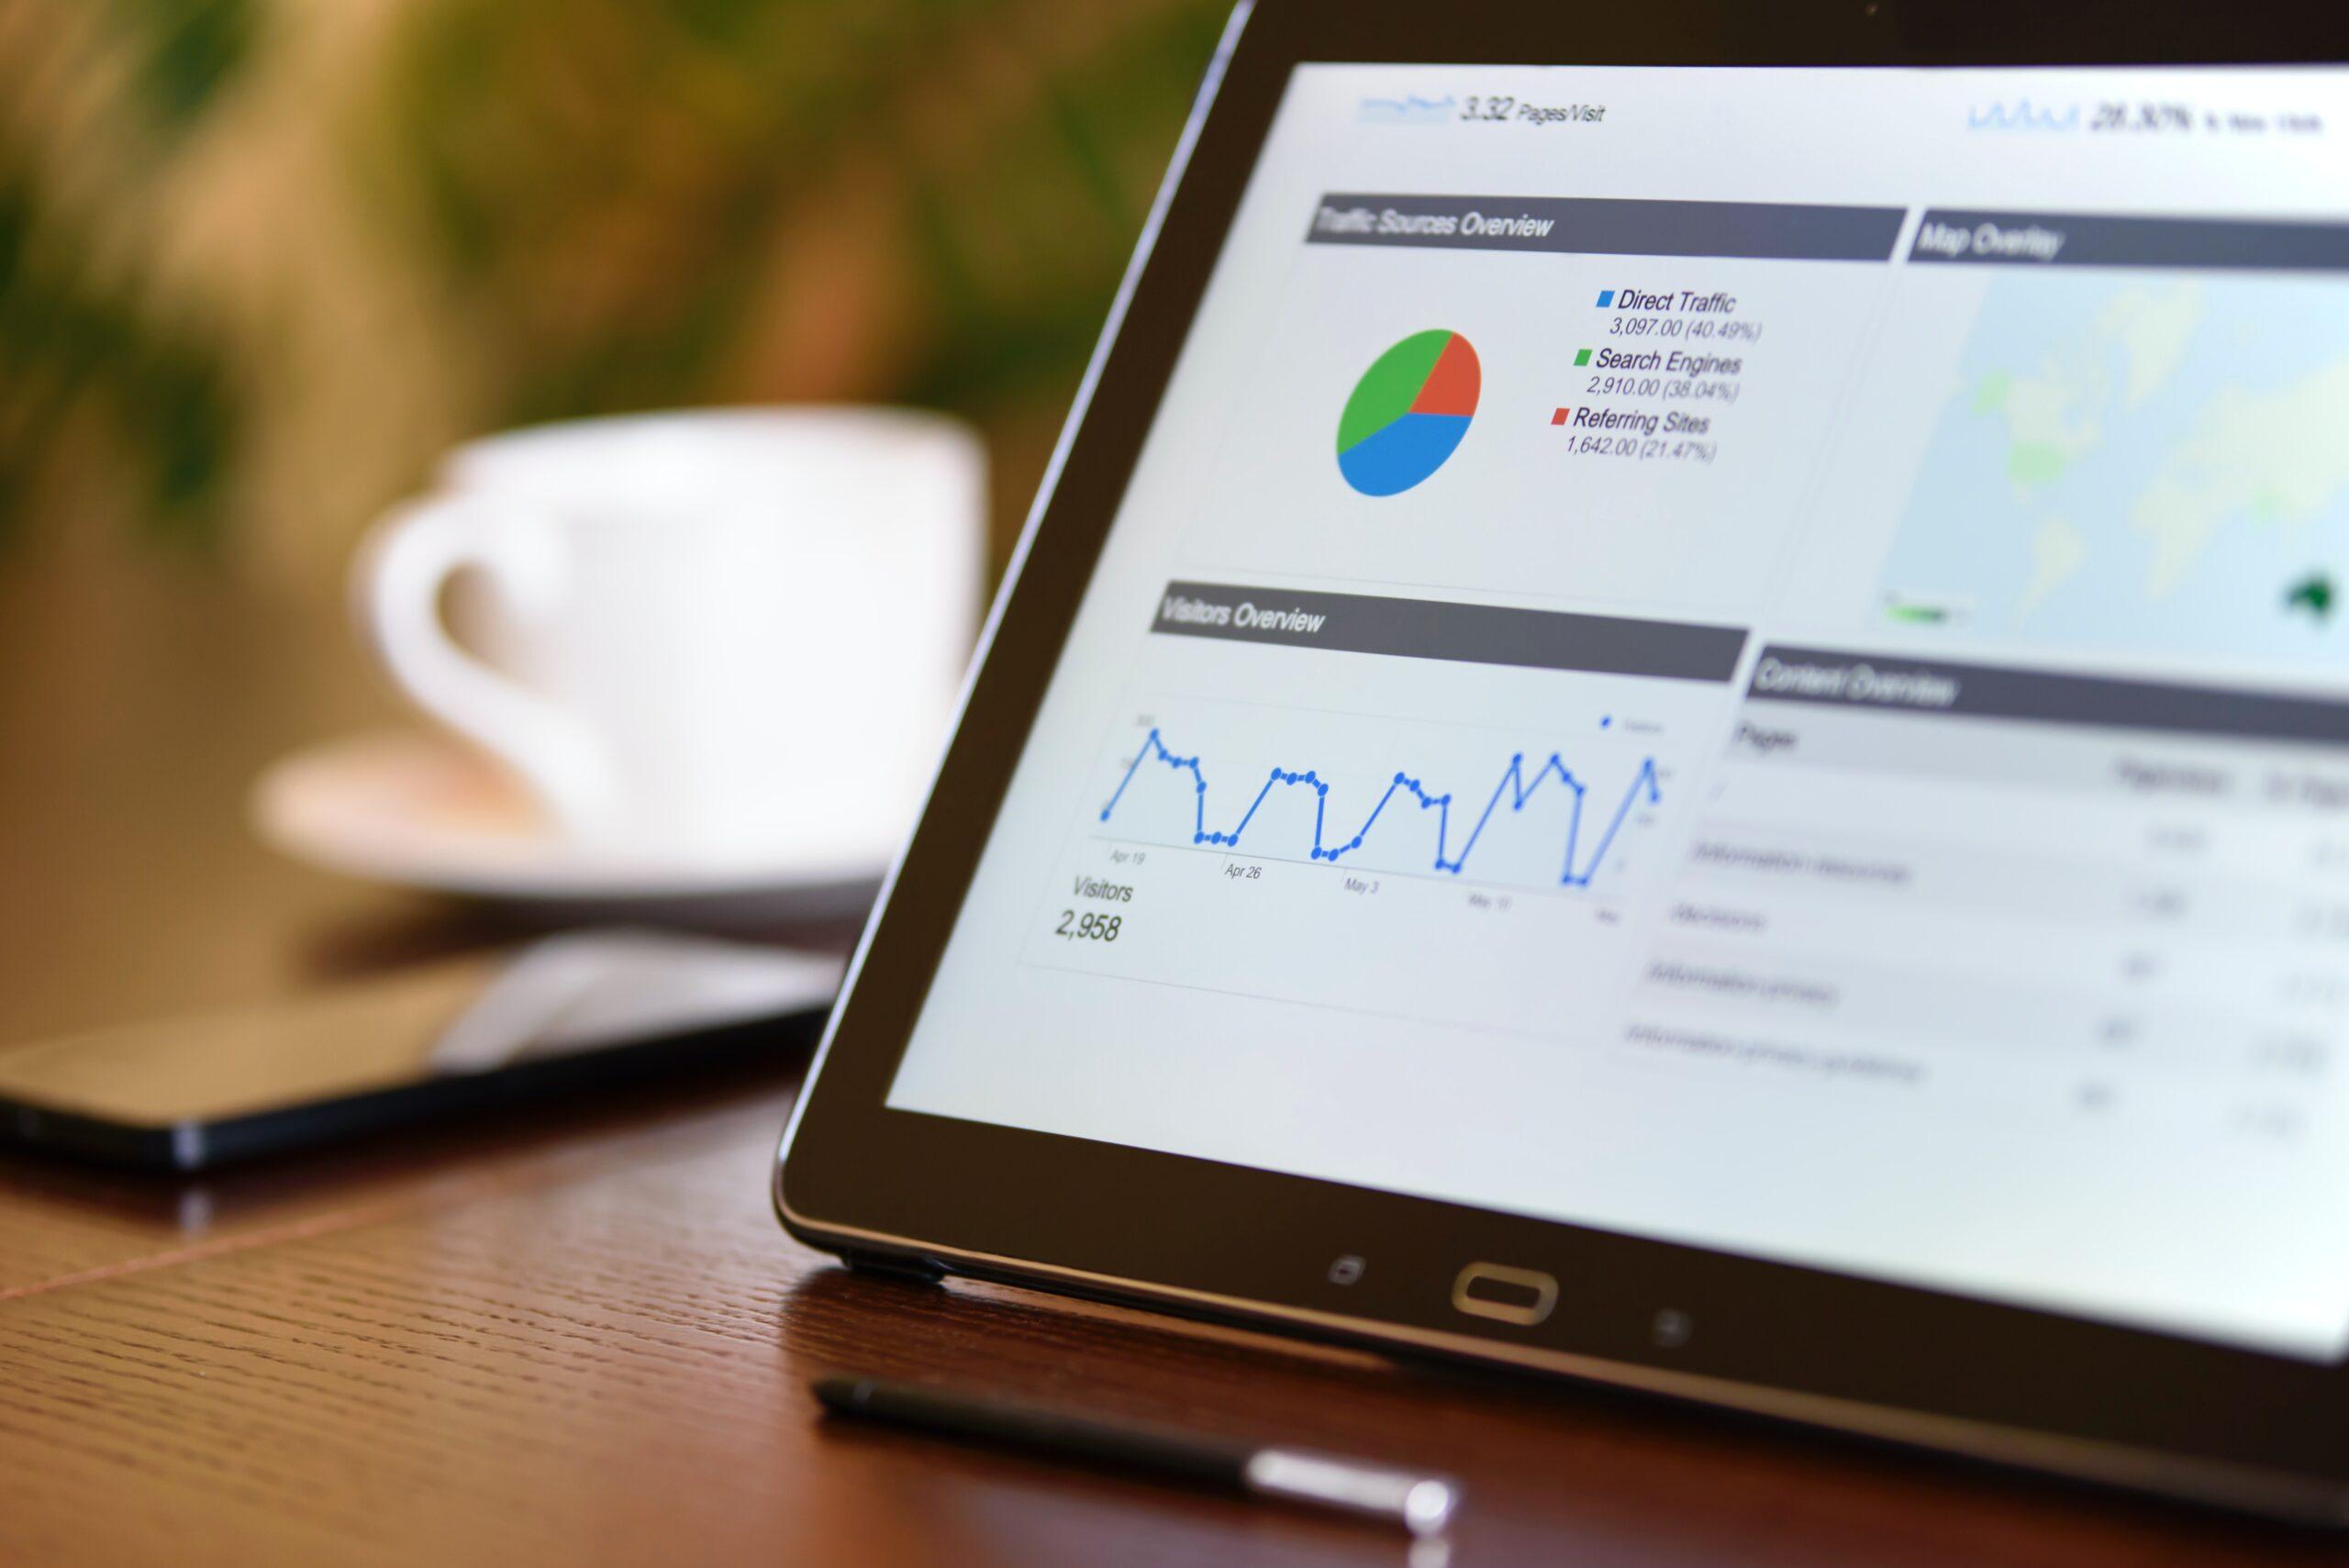 Как улучшить видимость сайта в выдаче при помощи сторонних веб-ресурсов?